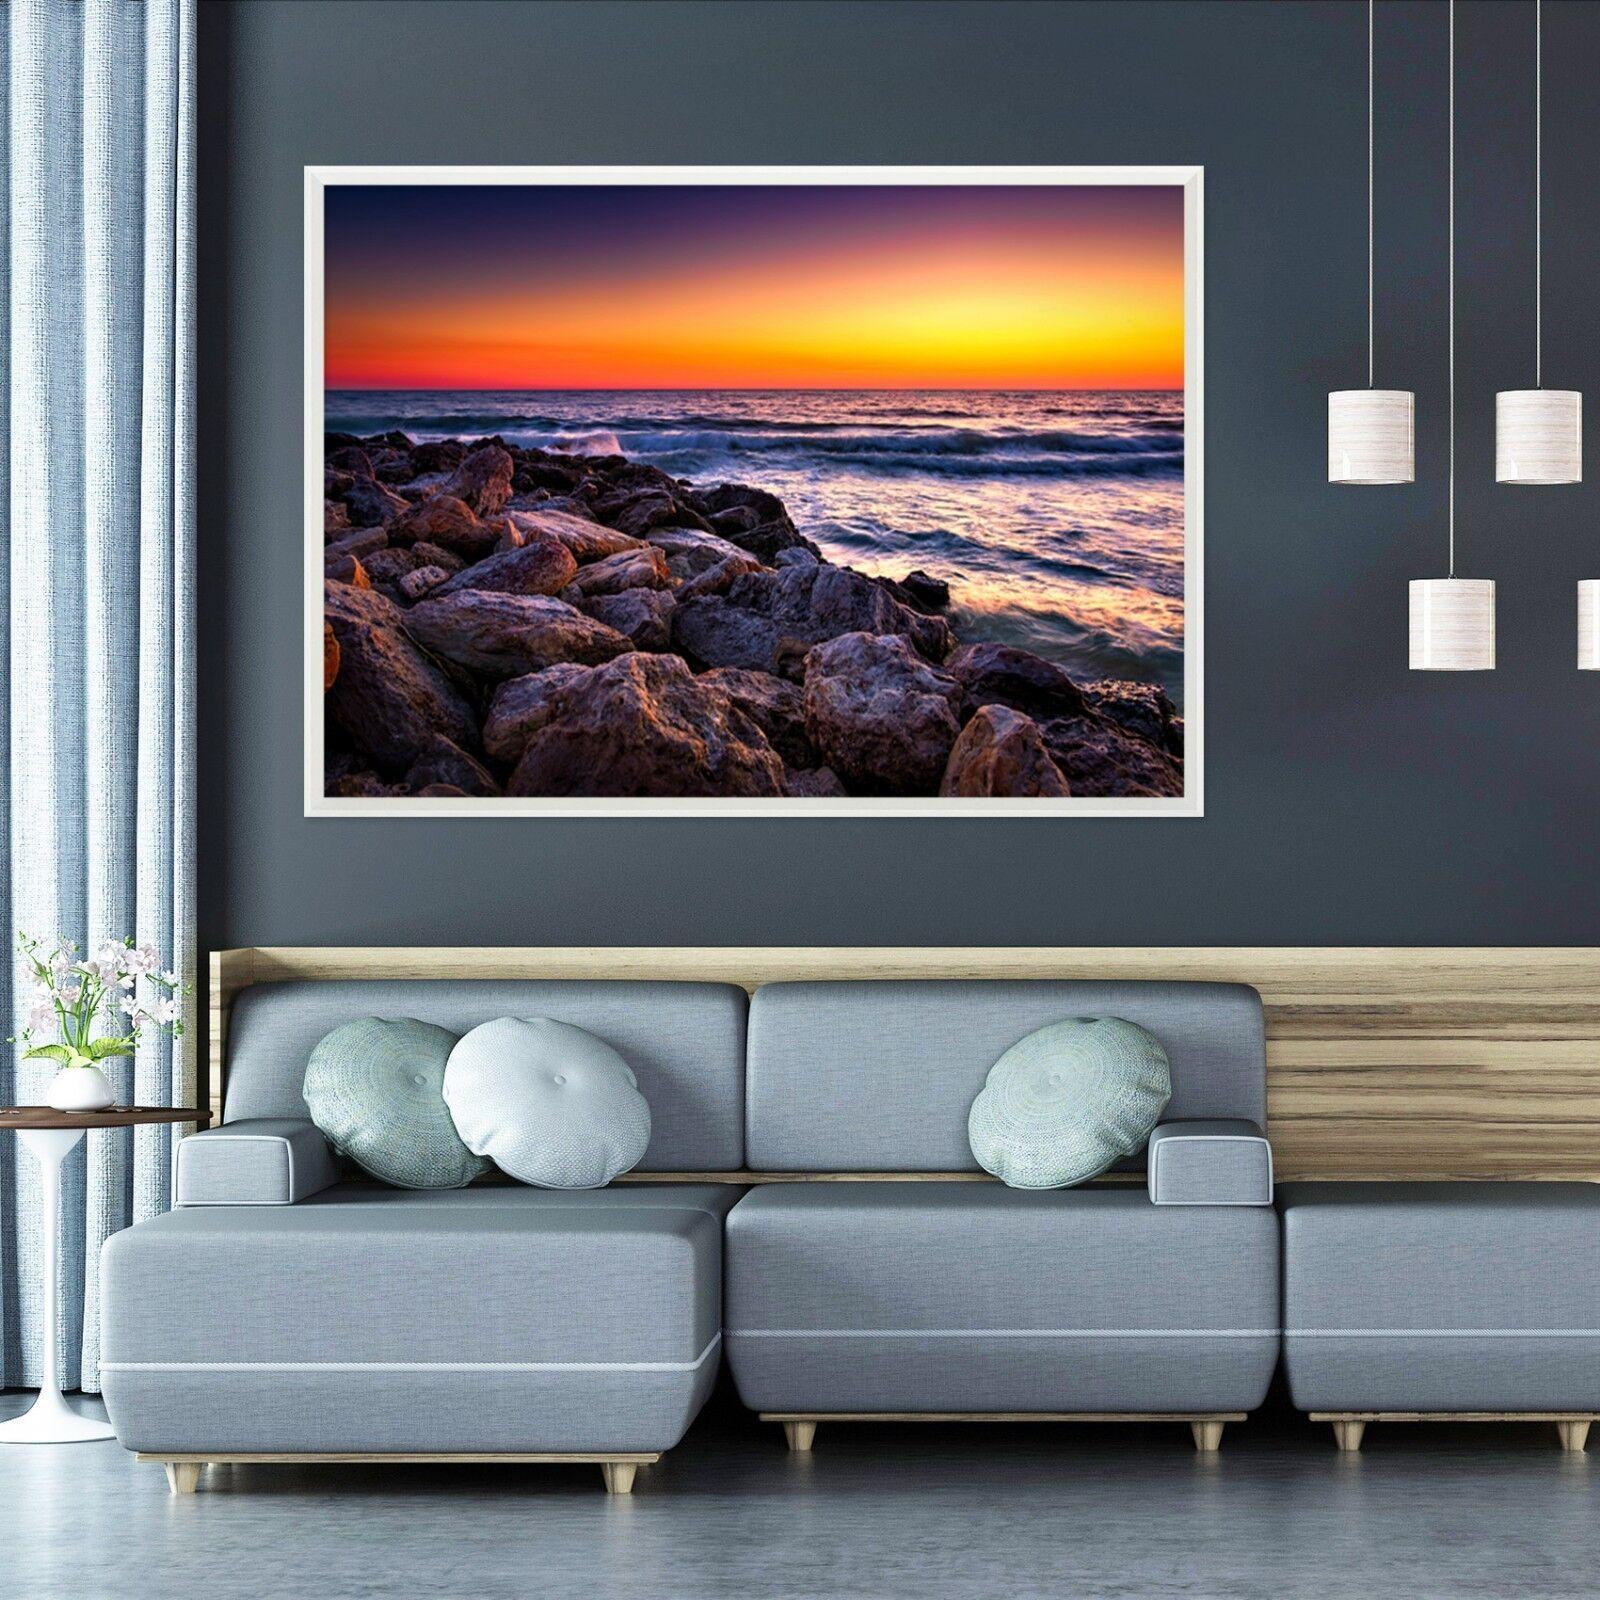 3D Dämmerung Stein Ozean 2  Gerahmt Poster Daheim Dekor Drucken Malerei Kunst AJ